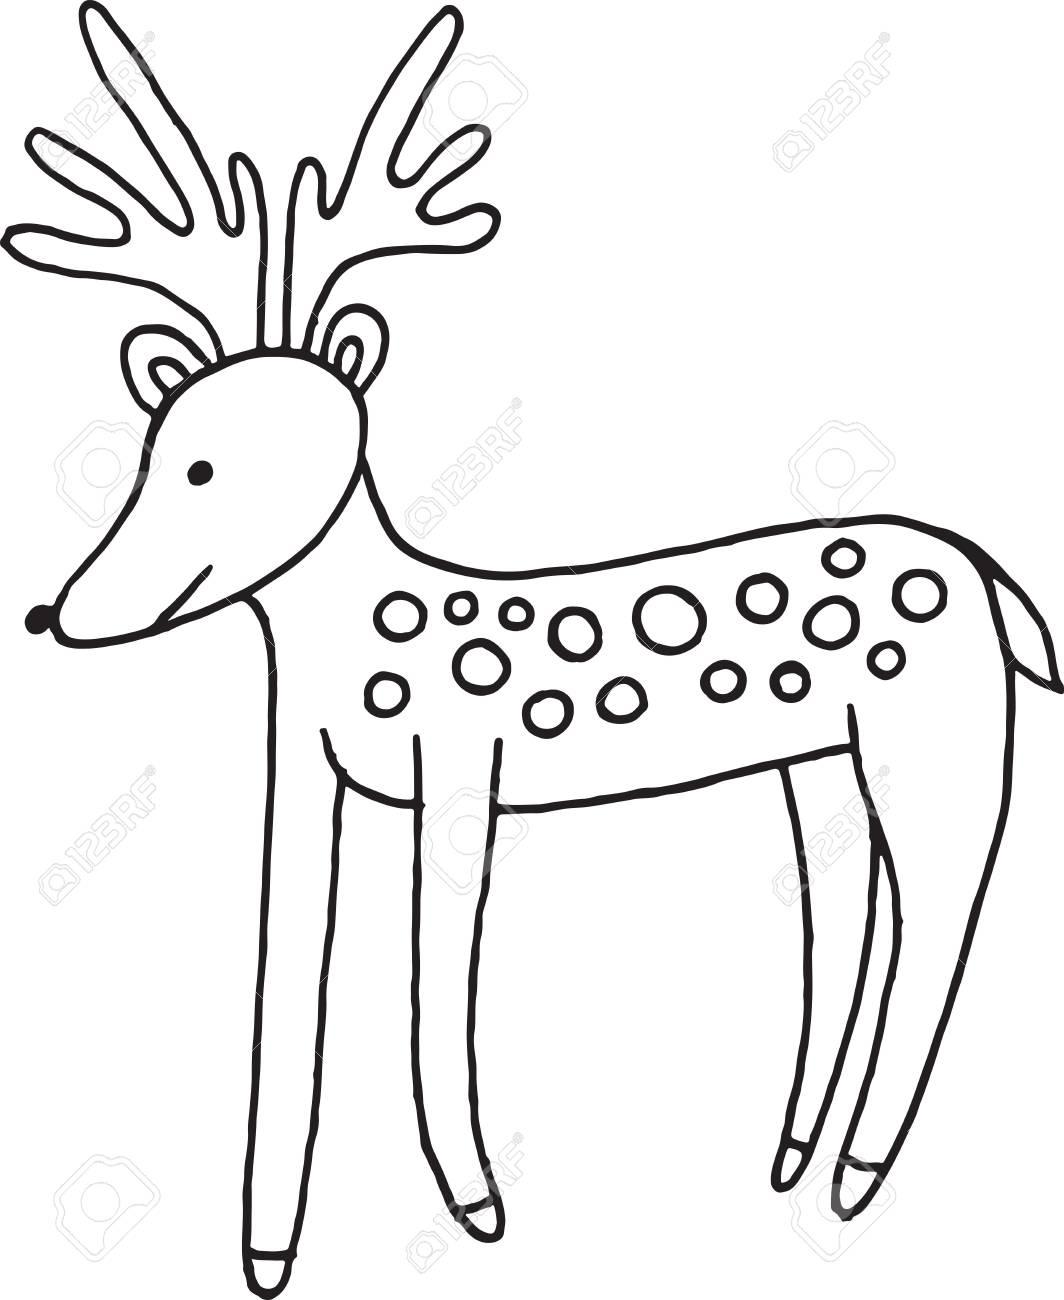 Coloriage Animaux Simple.Cerf Animal Des Animaux Doodle Illustration Simple De Dessin Anime Enfants Dessin Style Coloriage